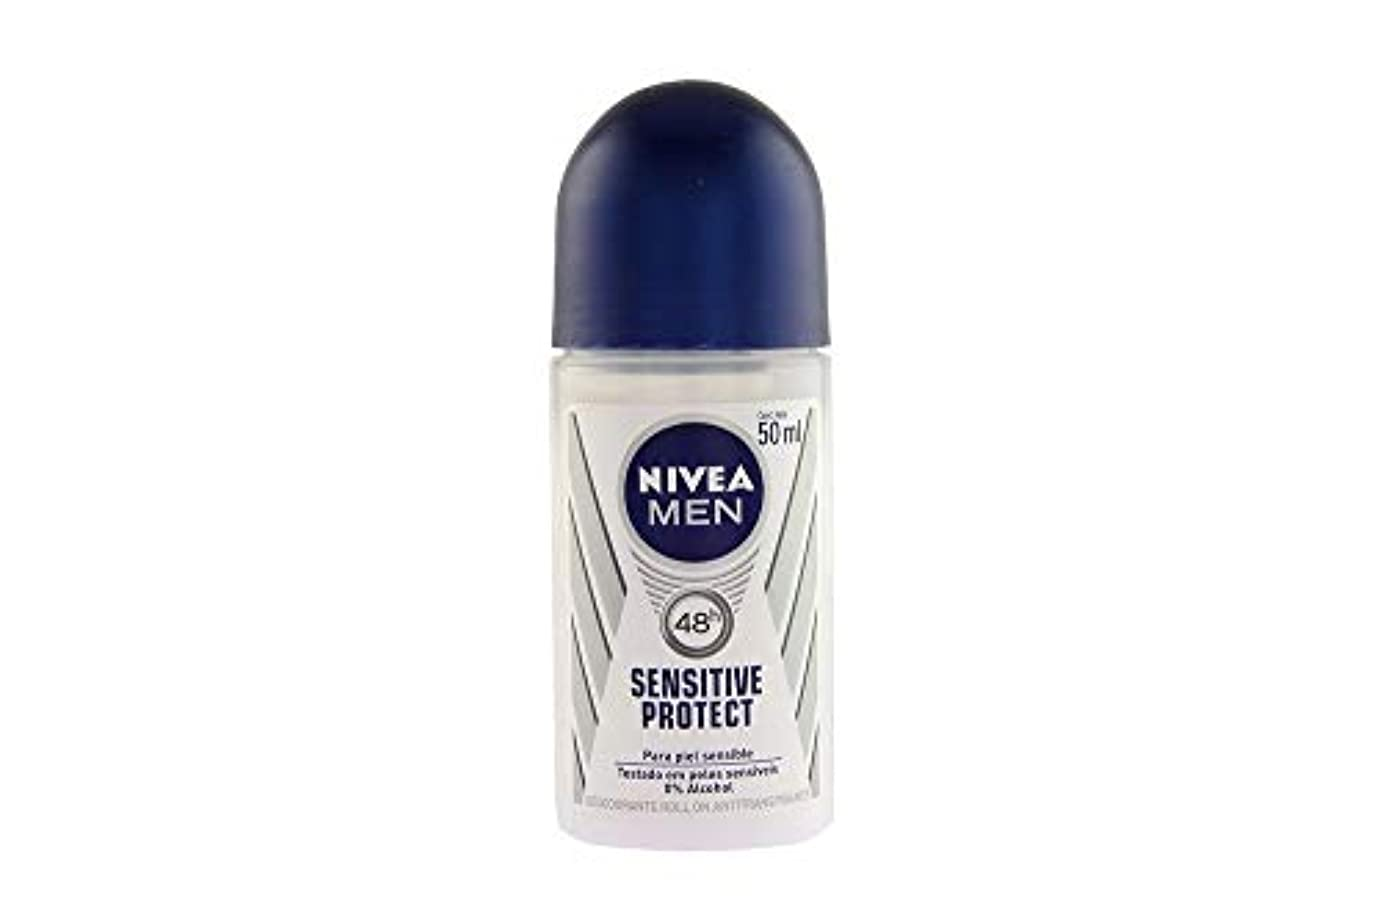 祭司遷移最近NIVEA Men ニベア メン ブラジル ロールオンデオドラント ?Sensitive Protect センシティブプロテクト 50ml